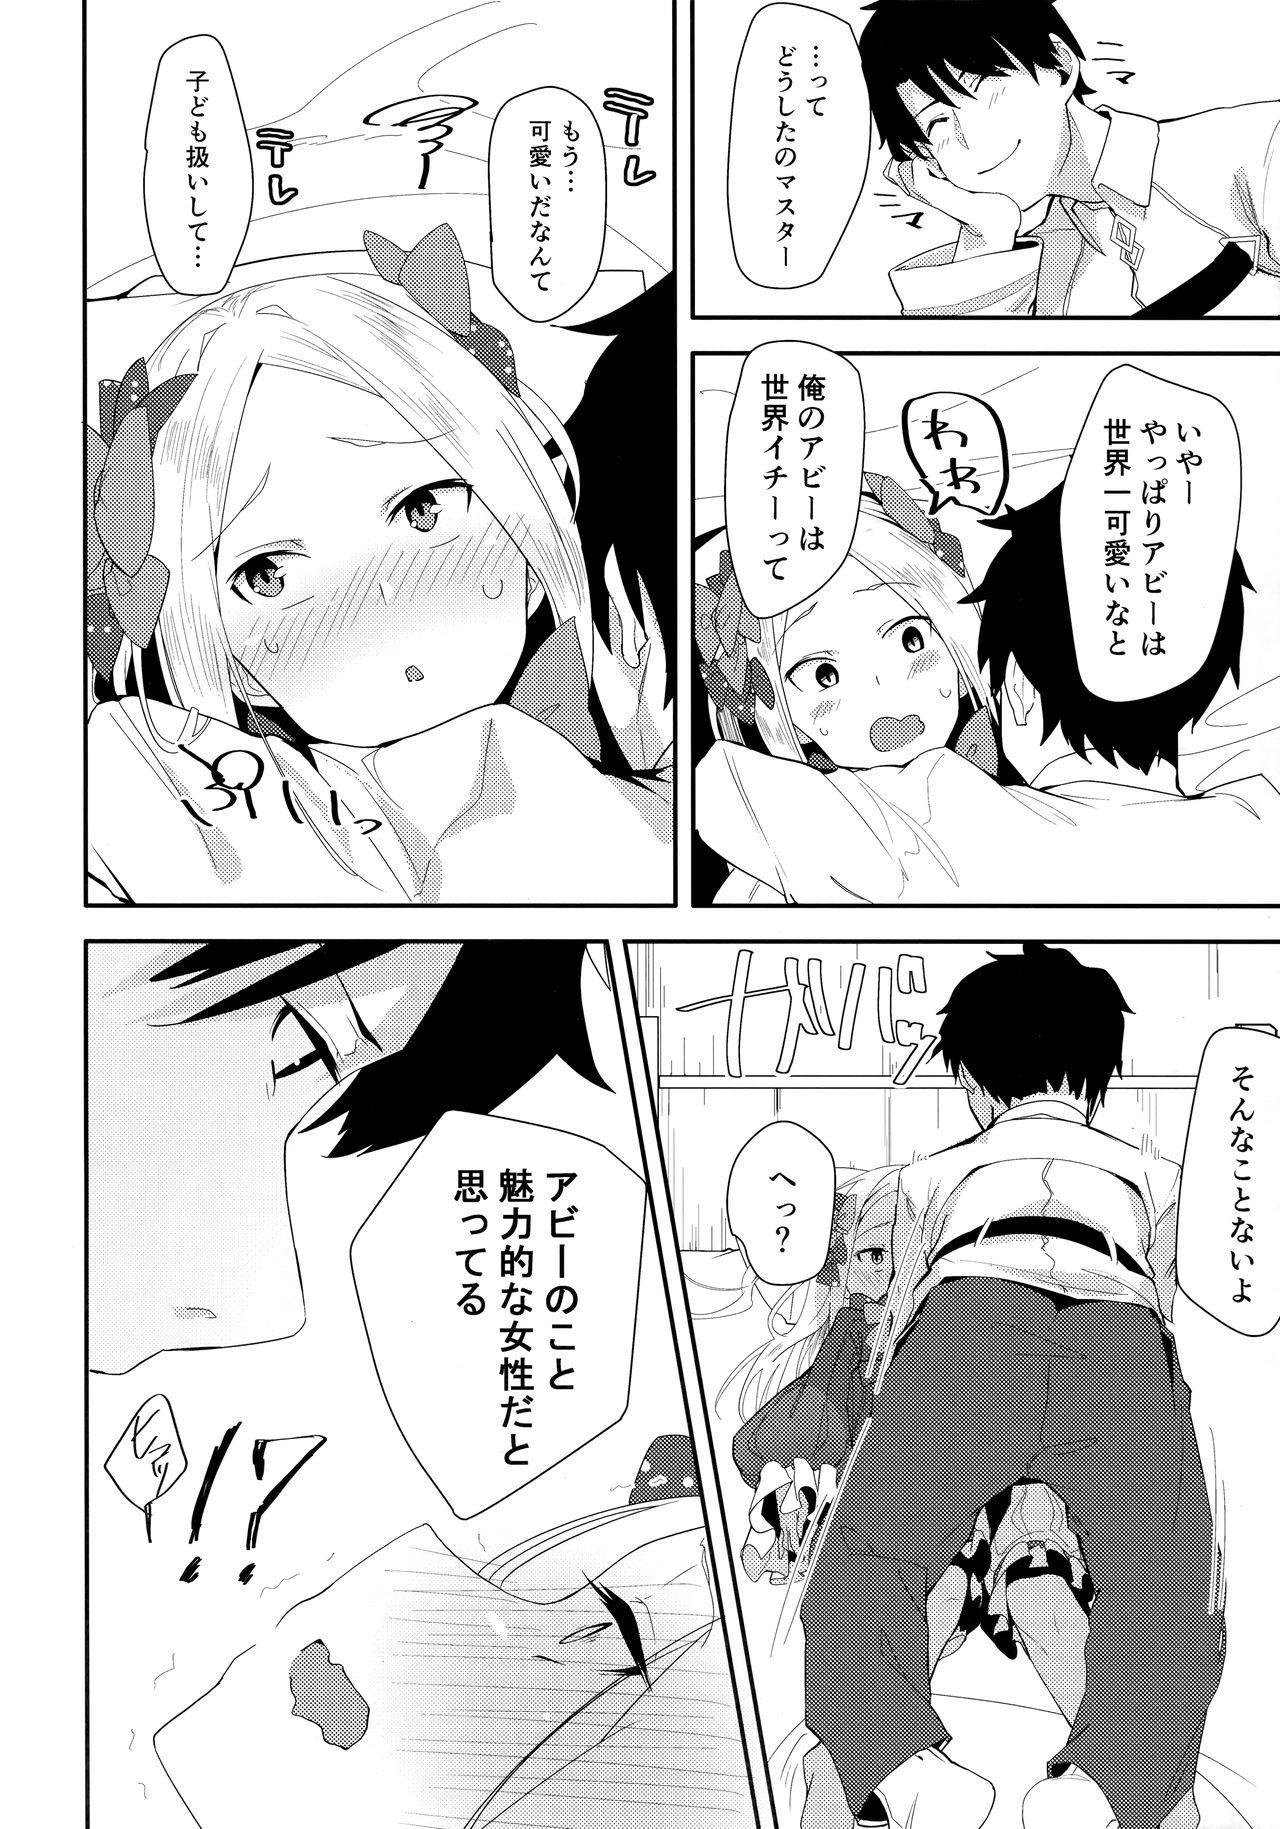 Abby-chan wa Ikenai Ko? 10